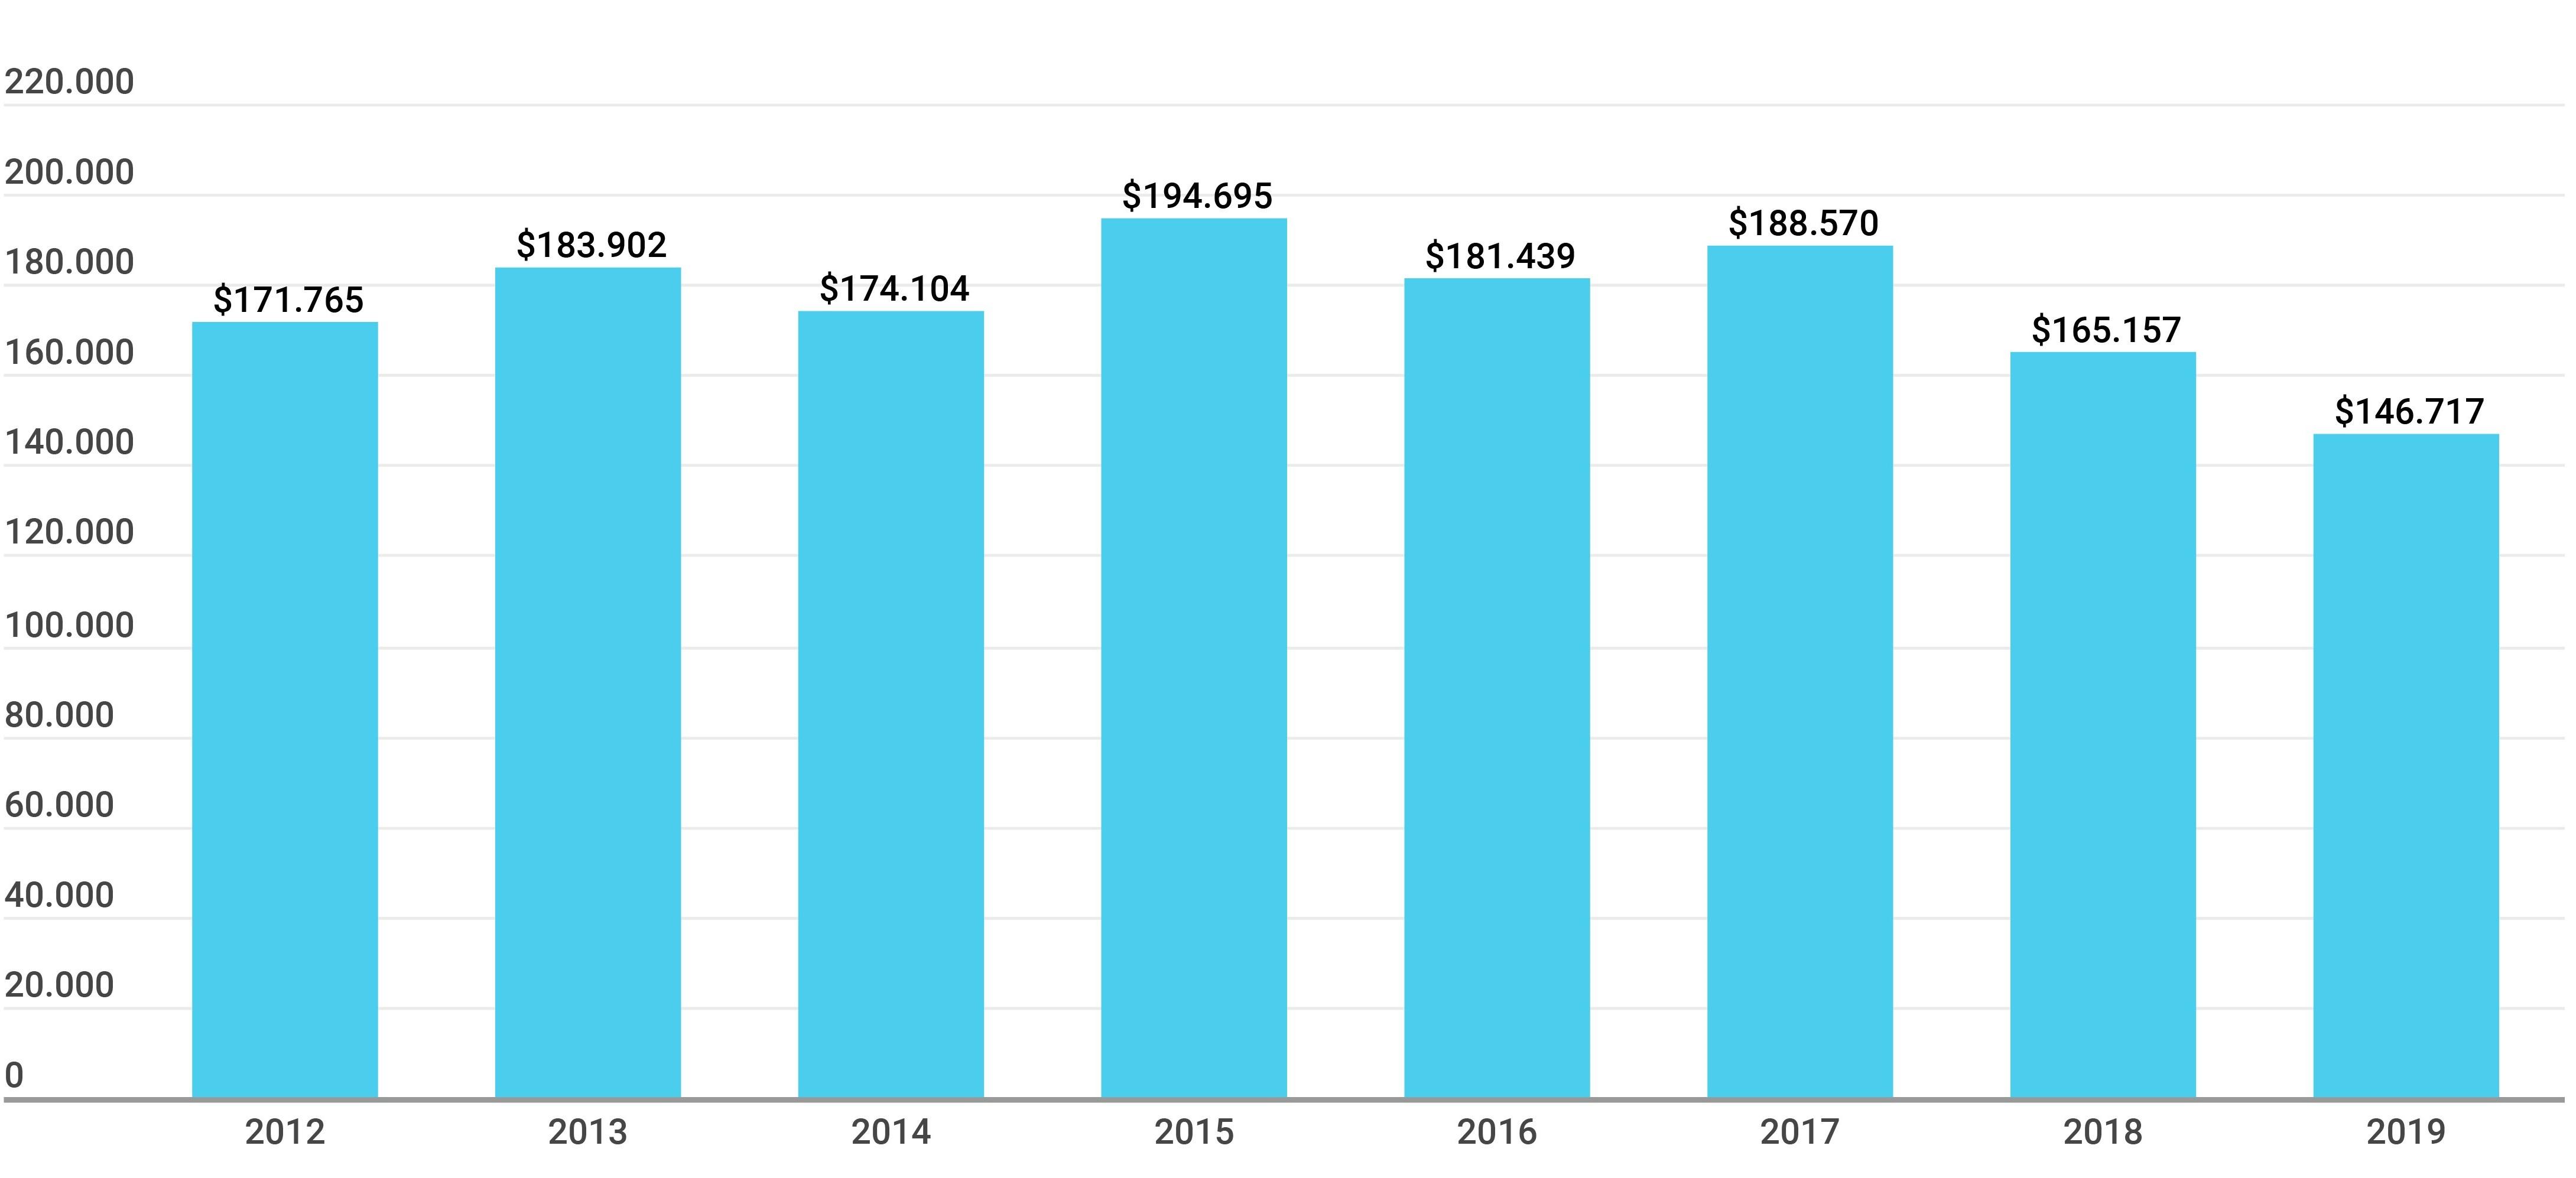 Gráfico sobre la Evolución de la inversión educativa nacional, en millones de pesos constantes de 2018 (2012-2019)